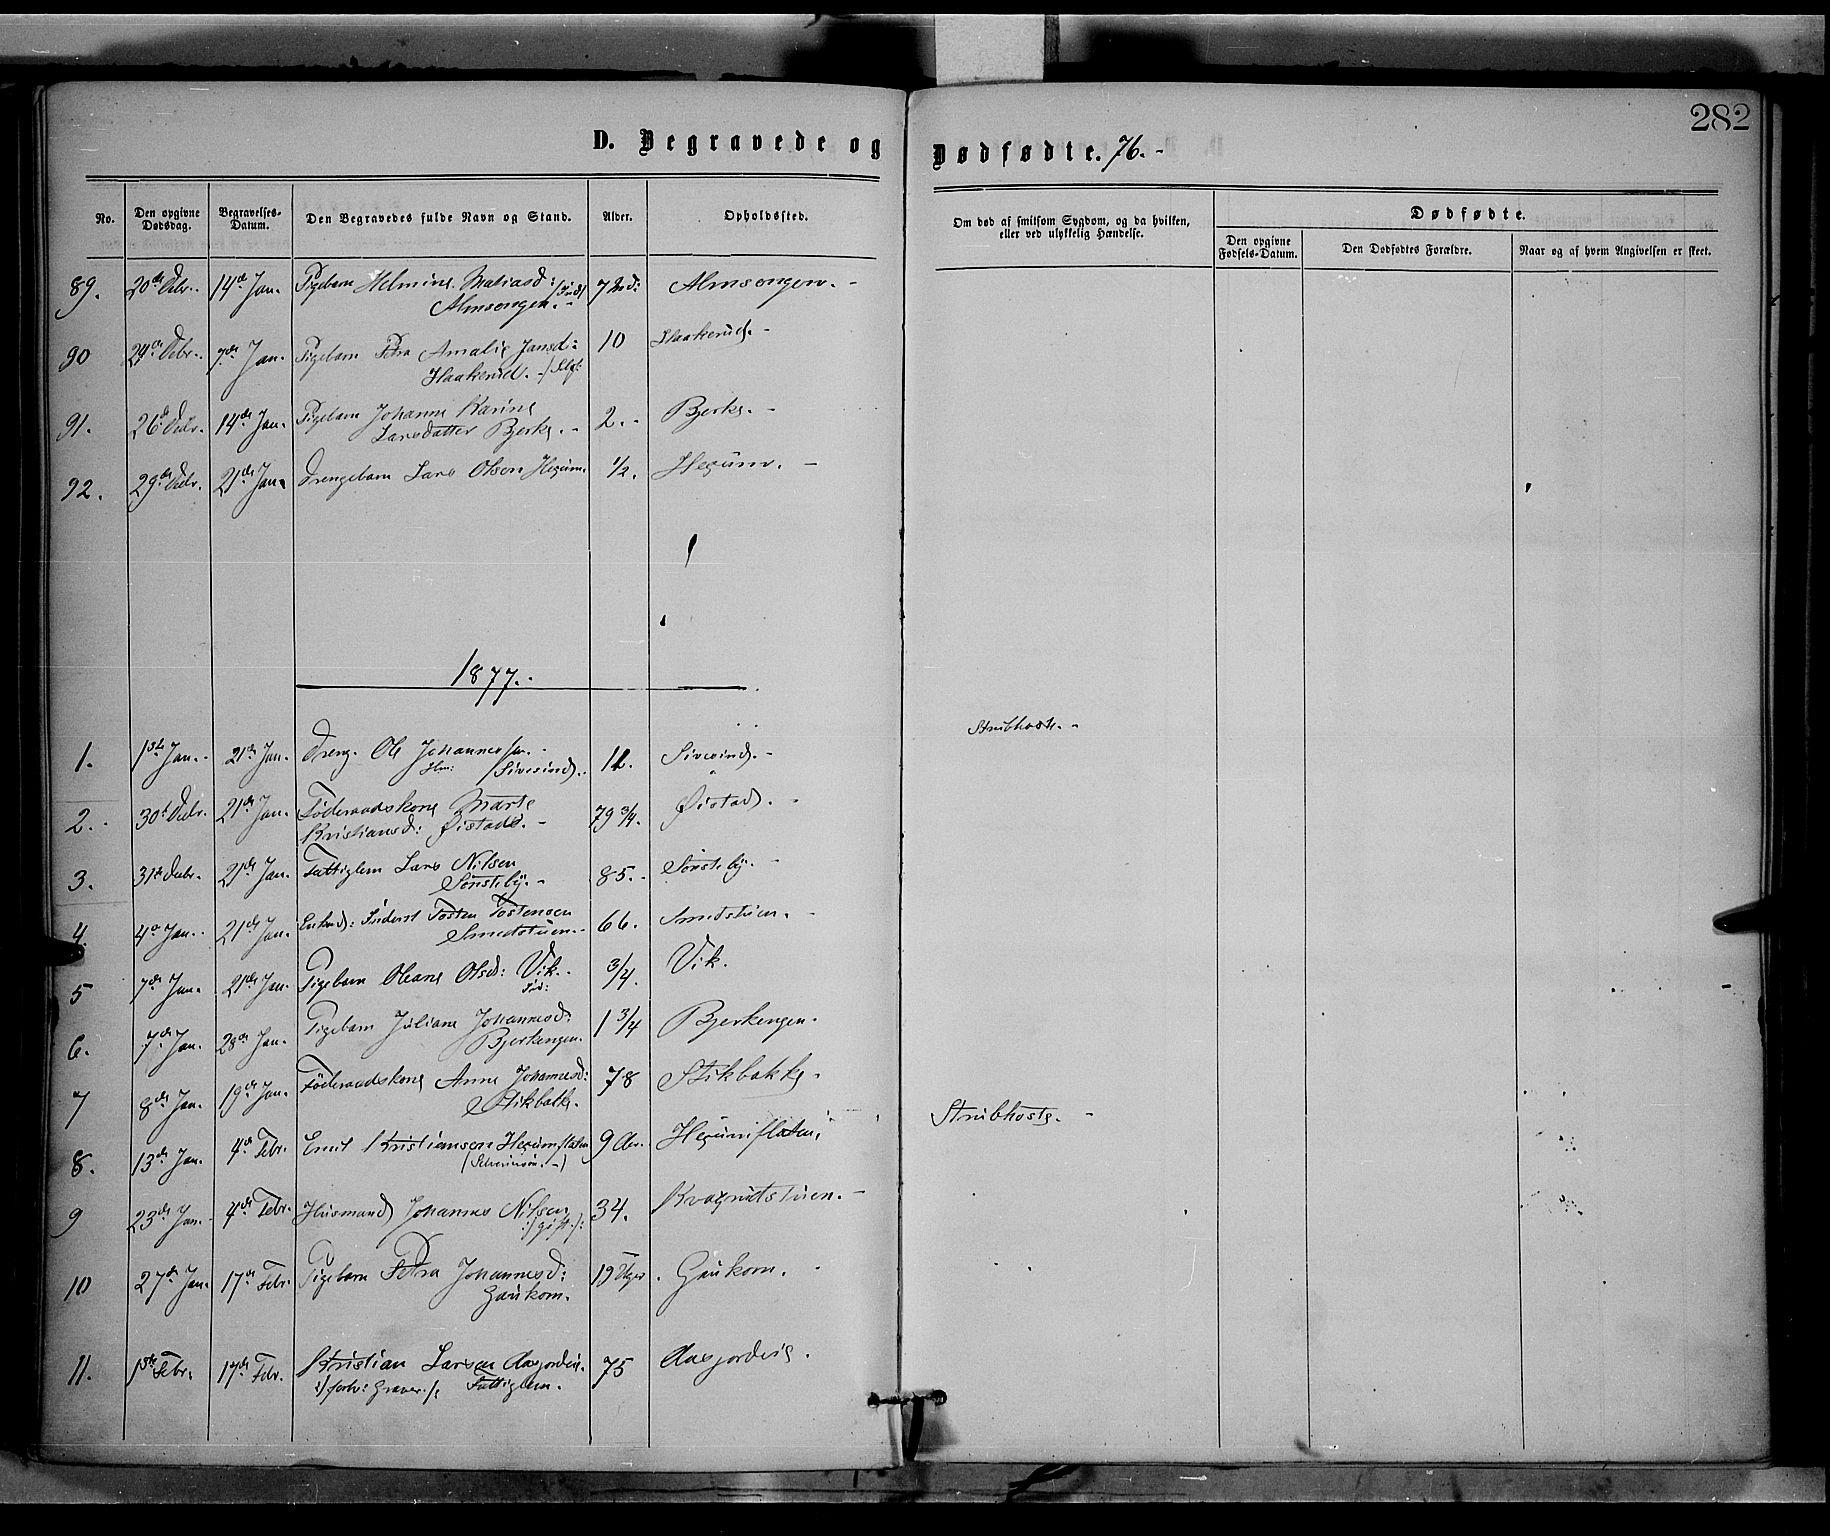 SAH, Vestre Toten prestekontor, Ministerialbok nr. 8, 1870-1877, s. 282